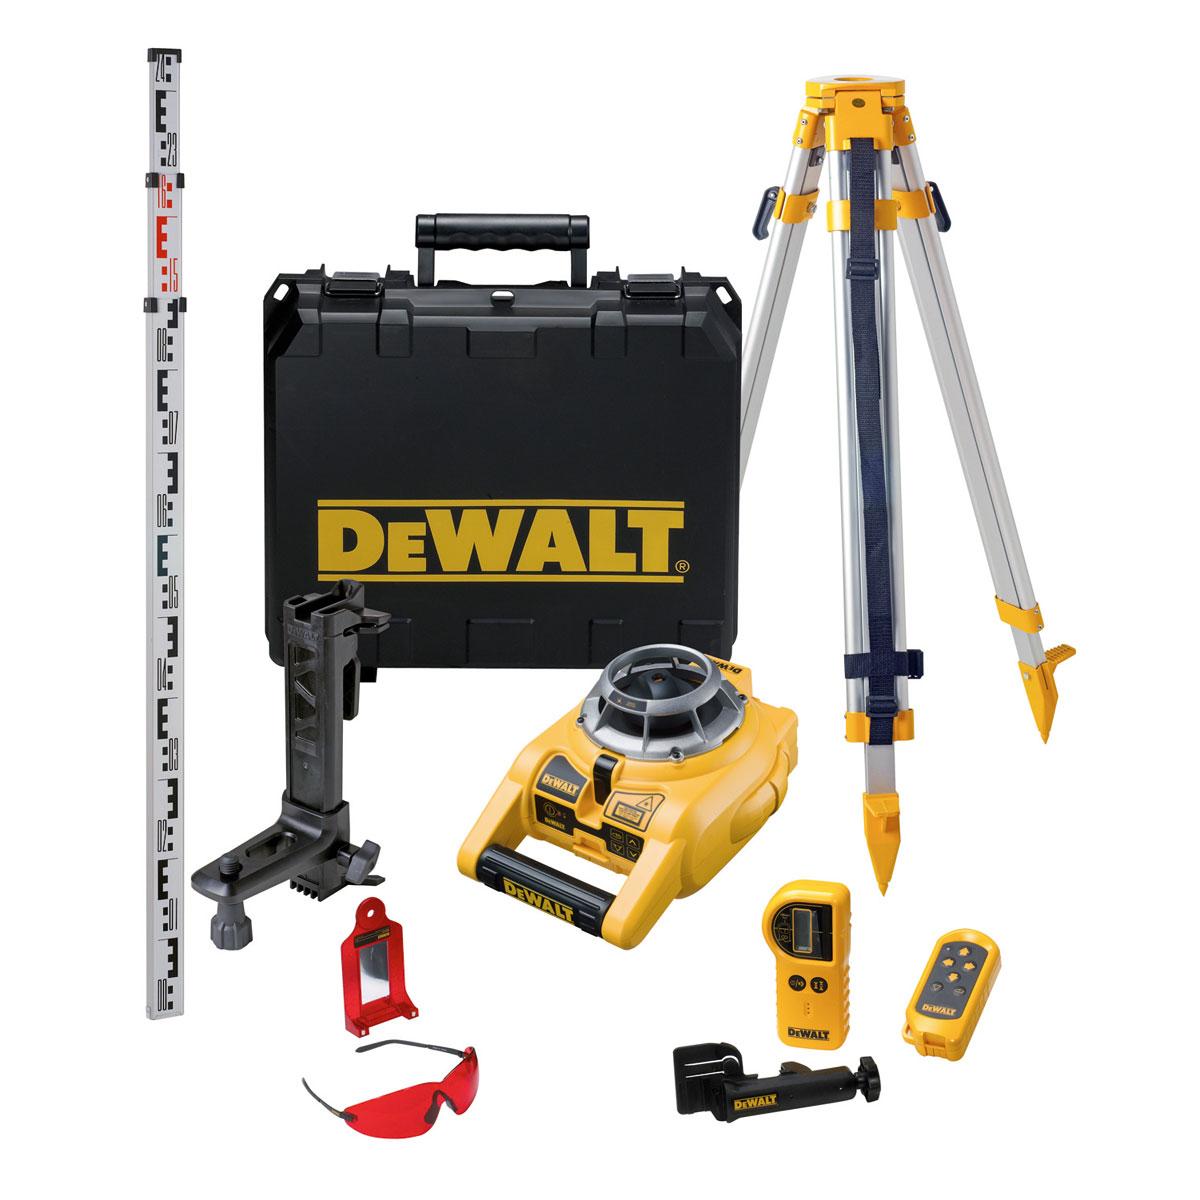 DW075PK DeWALT Rotační laser s automatickým srovnáním kompletní sada